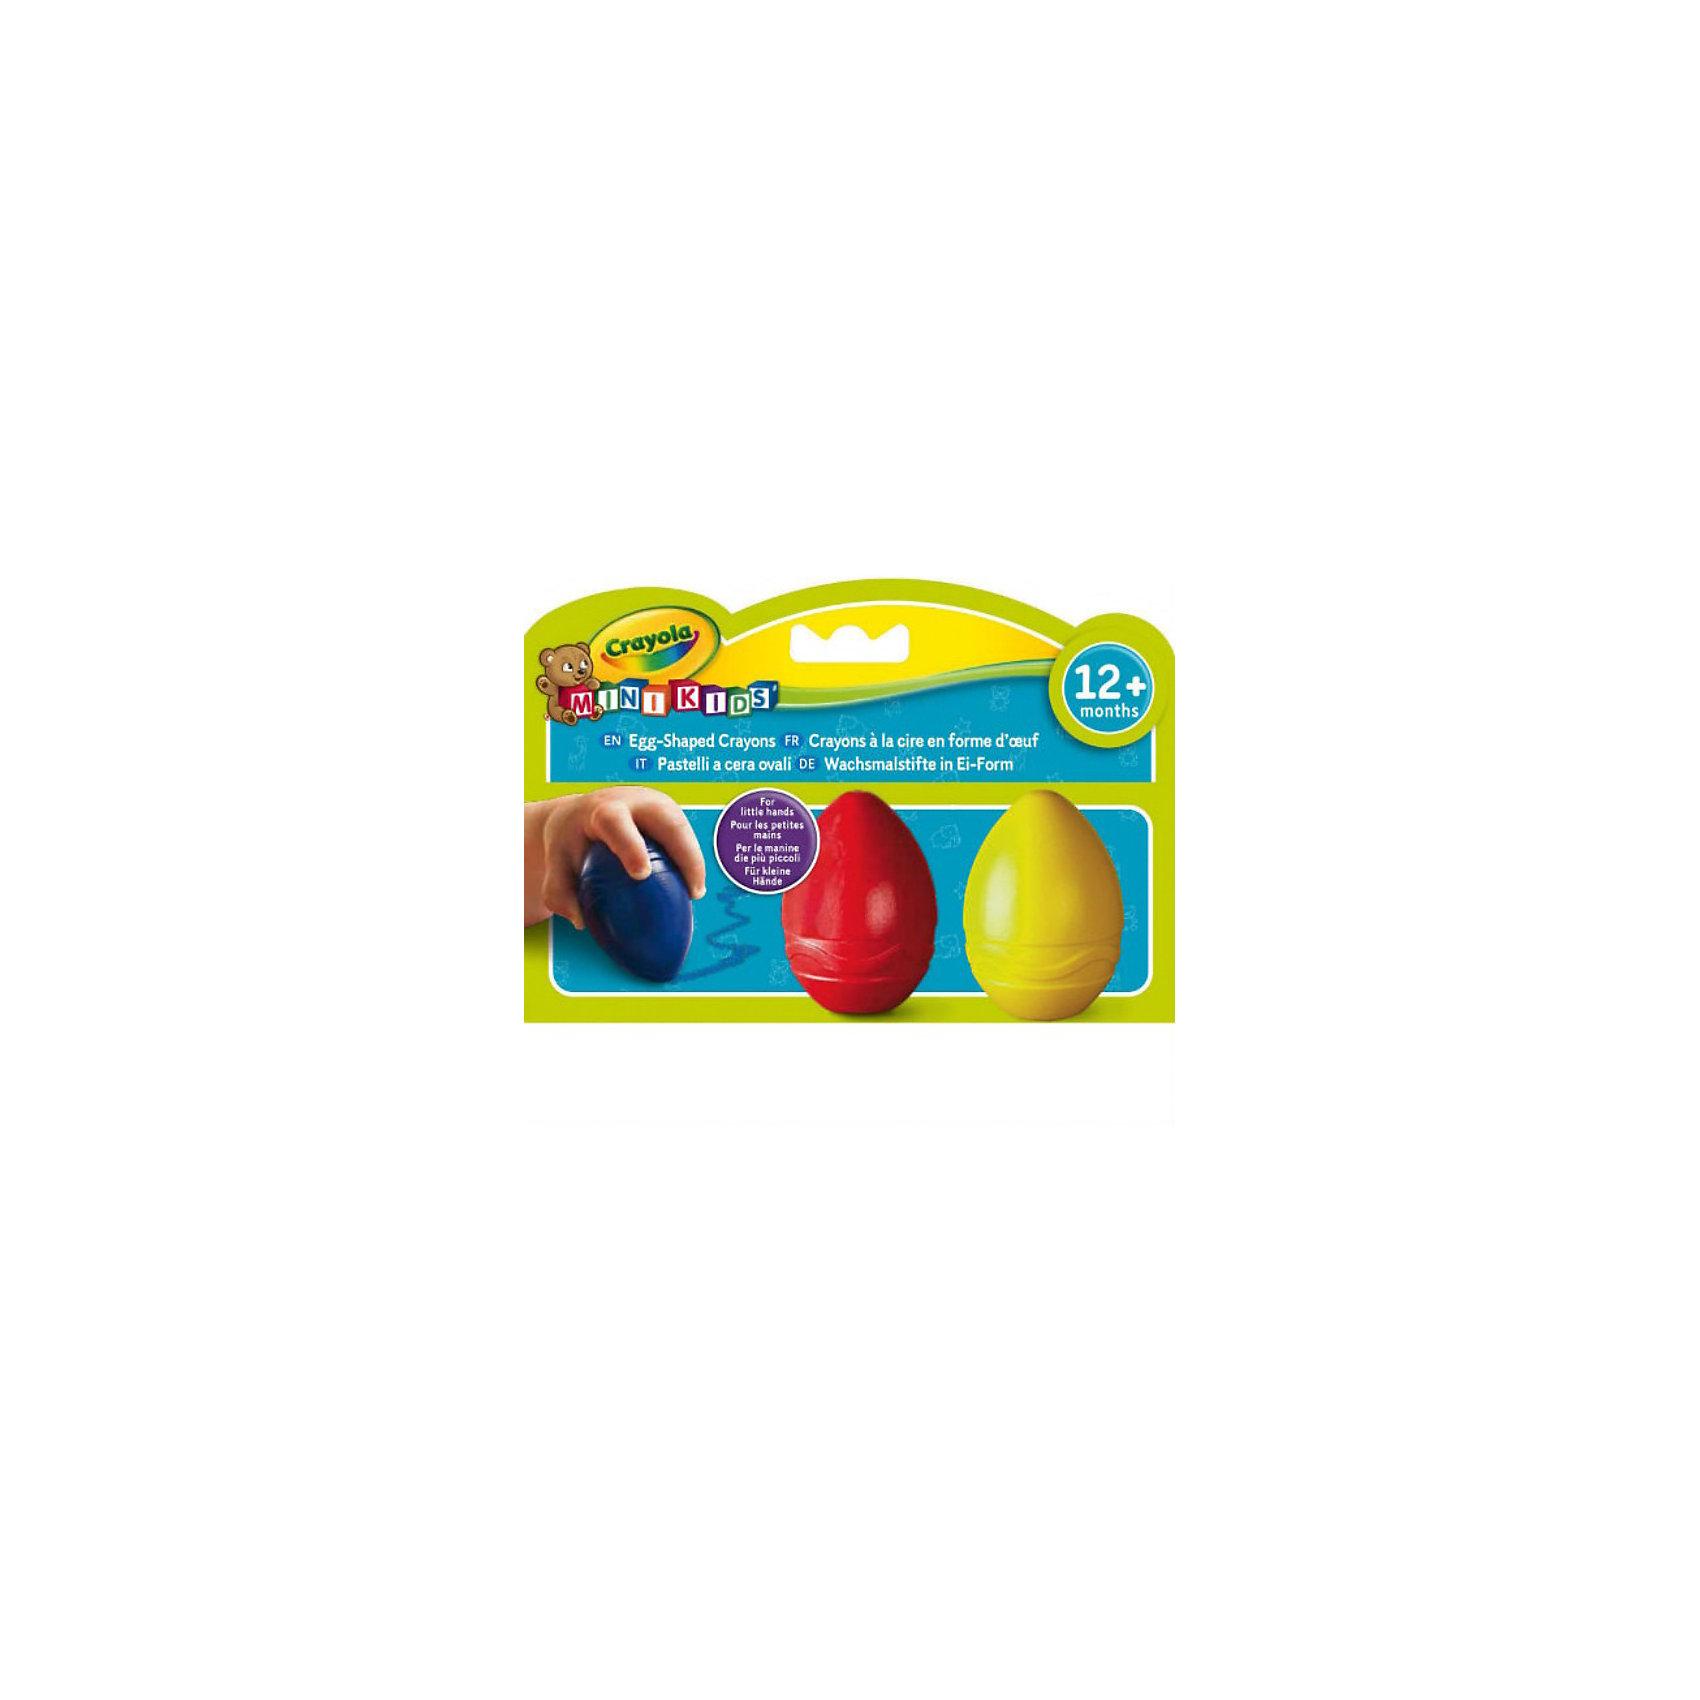 Восковые мелки в форме яйца, 3 цвета, CrayolaЭтими восковыми мелками можно рисовать уже начиная с 1 года. Благодаря специальной форме, крупные мелки легко захватывать, удерживать и направлять детской ручкой. <br>Необычная форма привлекает внимание малыша и стимулирует его к освоению рисования. Три базовых контрастных цвета - то, что нужно начинающему художнику. Когда малыш освоит мелки, покажите ему, как смешивать цвета. Из желтого и синего мелка при последовательном нанесении можно получить зеленый цвет, из синего и красного – фиолетовый. <br>Восковые мелки Crayola не токсичны и безопасны для детского здоровья. <br><br><br>Дополнительная информация:<br><br>- Материал: воск<br>- Размер упаковки: 11,4х16,7х5 см <br>- Мелки не токсичны и безопасны.<br><br>Восковые мелки в форме яйца, (3 цвета), Crayola  можно купить в нашем магазине.<br><br>Ширина мм: 114<br>Глубина мм: 167<br>Высота мм: 50<br>Вес г: 273<br>Возраст от месяцев: 12<br>Возраст до месяцев: 36<br>Пол: Унисекс<br>Возраст: Детский<br>SKU: 3854928